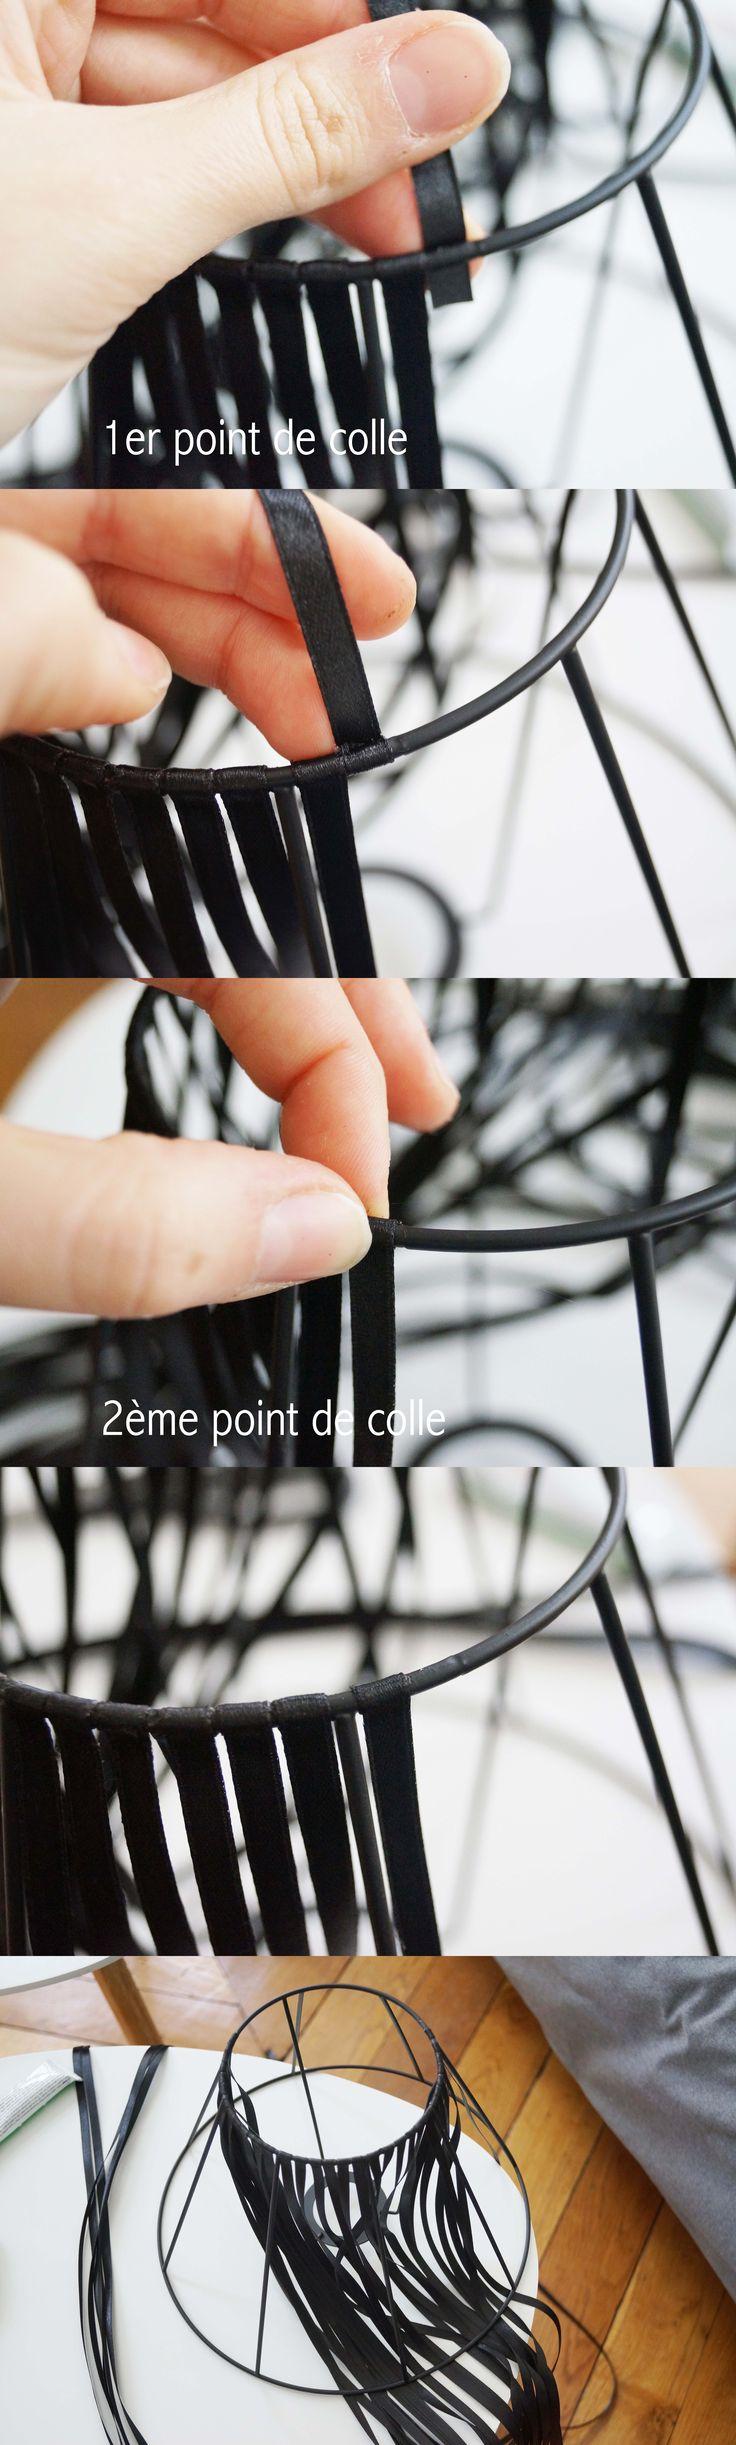 les 39 meilleures images du tableau suspensions sur pinterest petite friture bricolage et. Black Bedroom Furniture Sets. Home Design Ideas